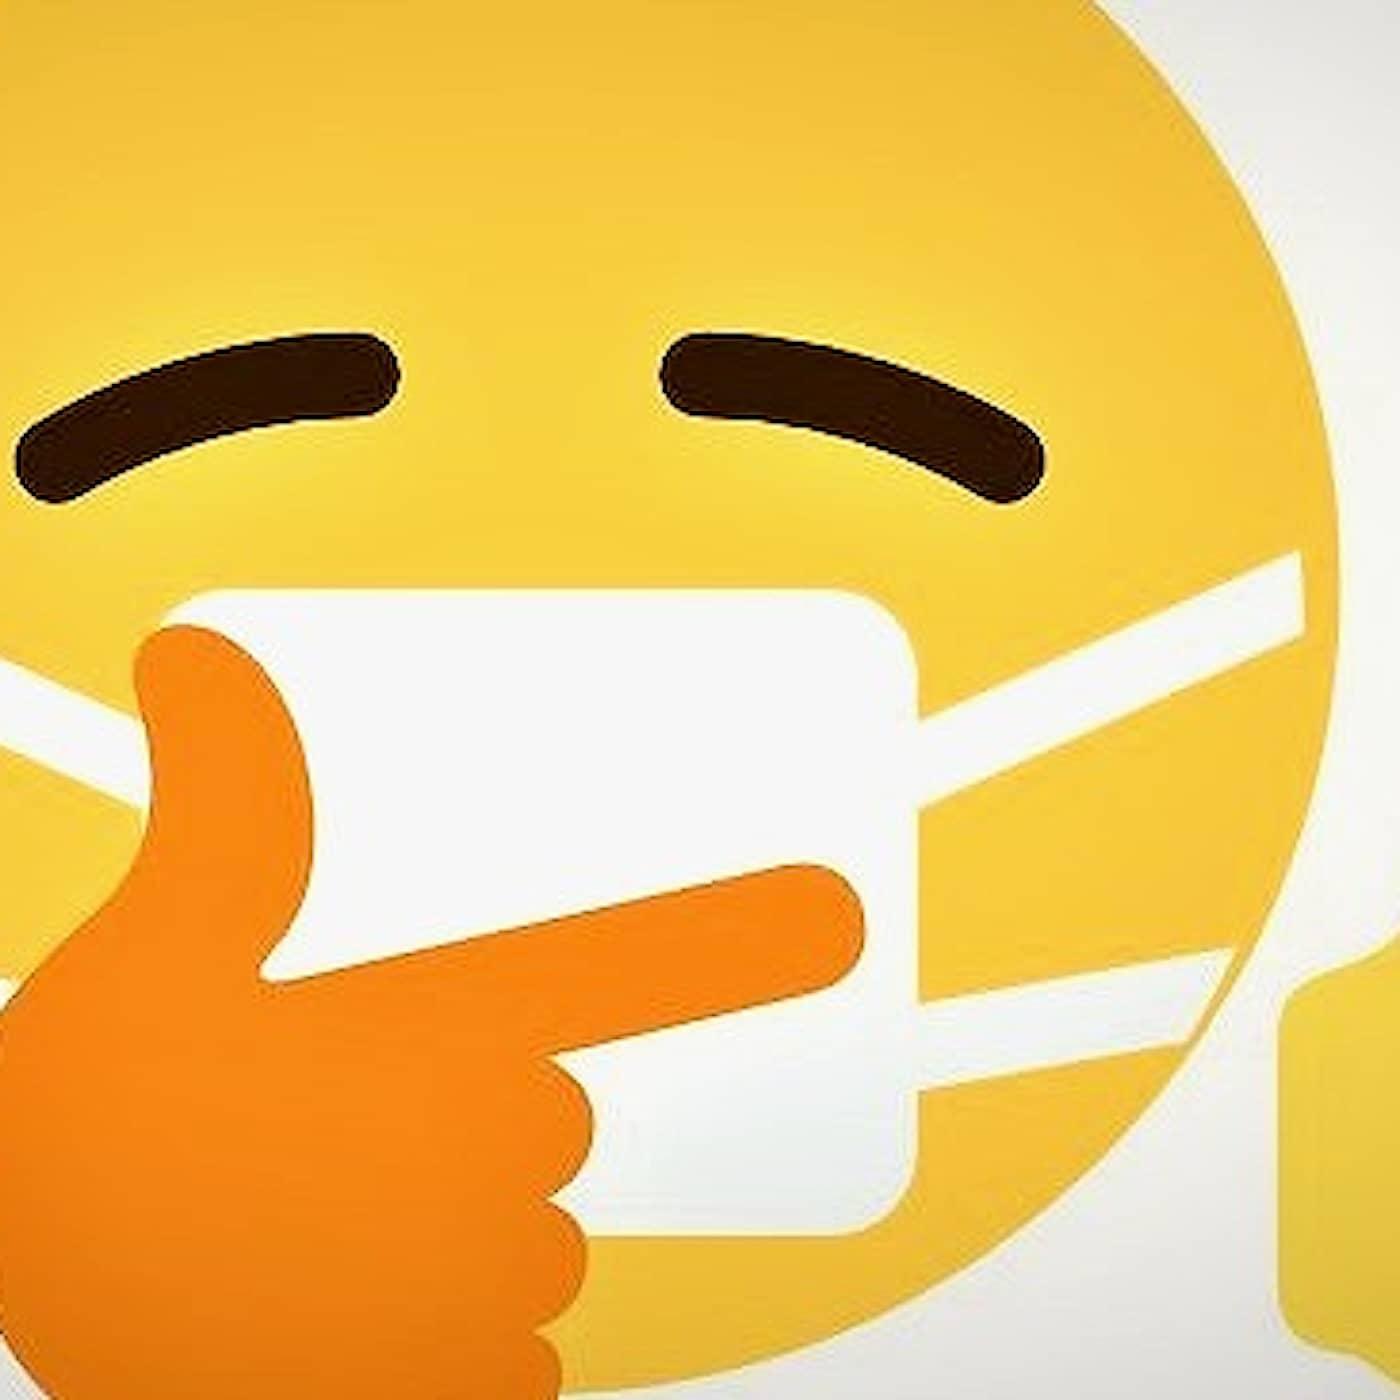 2/2. Optimisten i krisen - Vilken hållning är bäst?